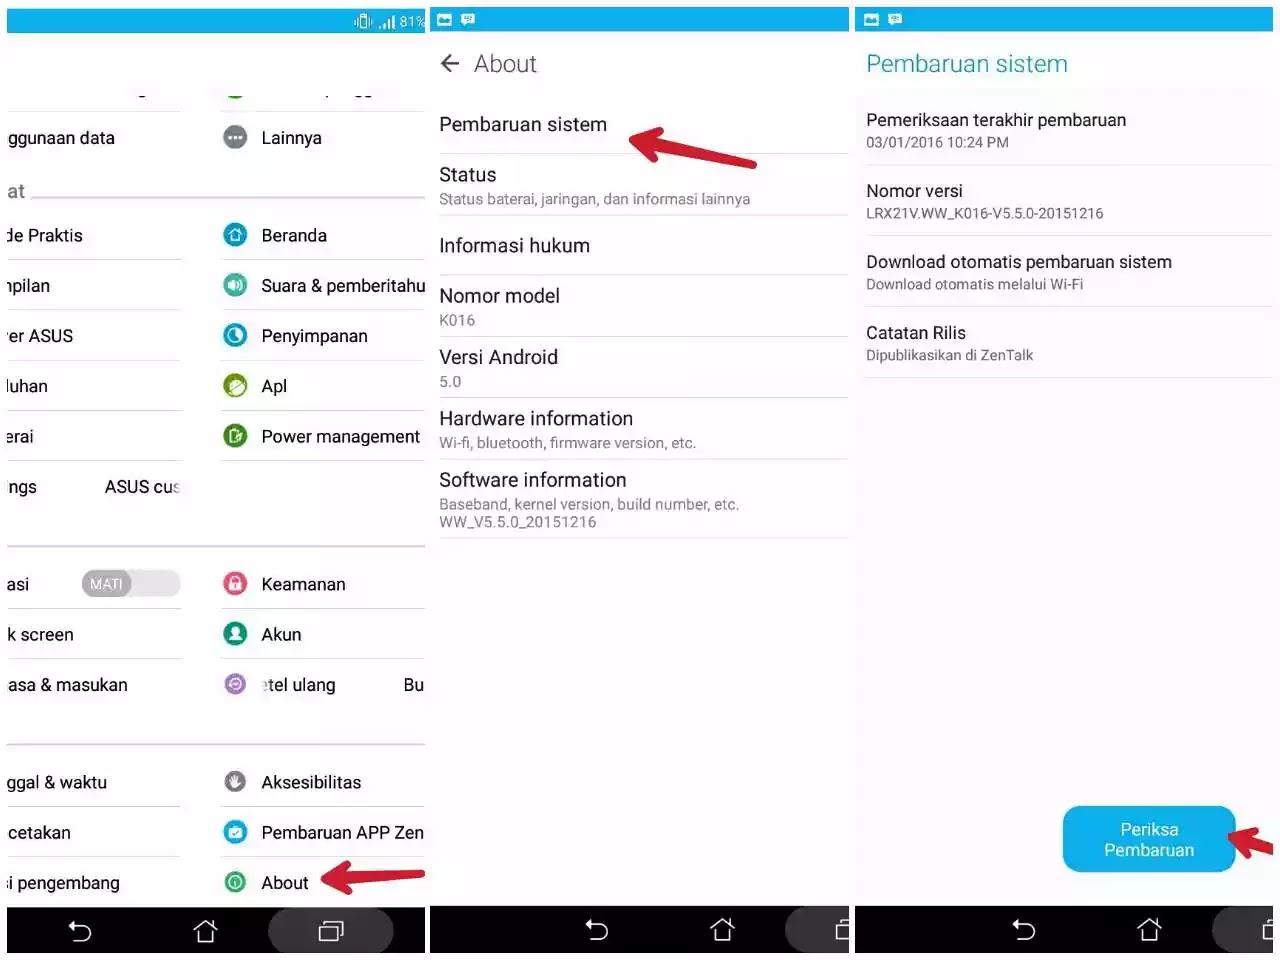 Kalau teman sudah usang memakai android Cara Upgrade OS Android ke Versi Terbaru Dalam Waktu 5 Menit